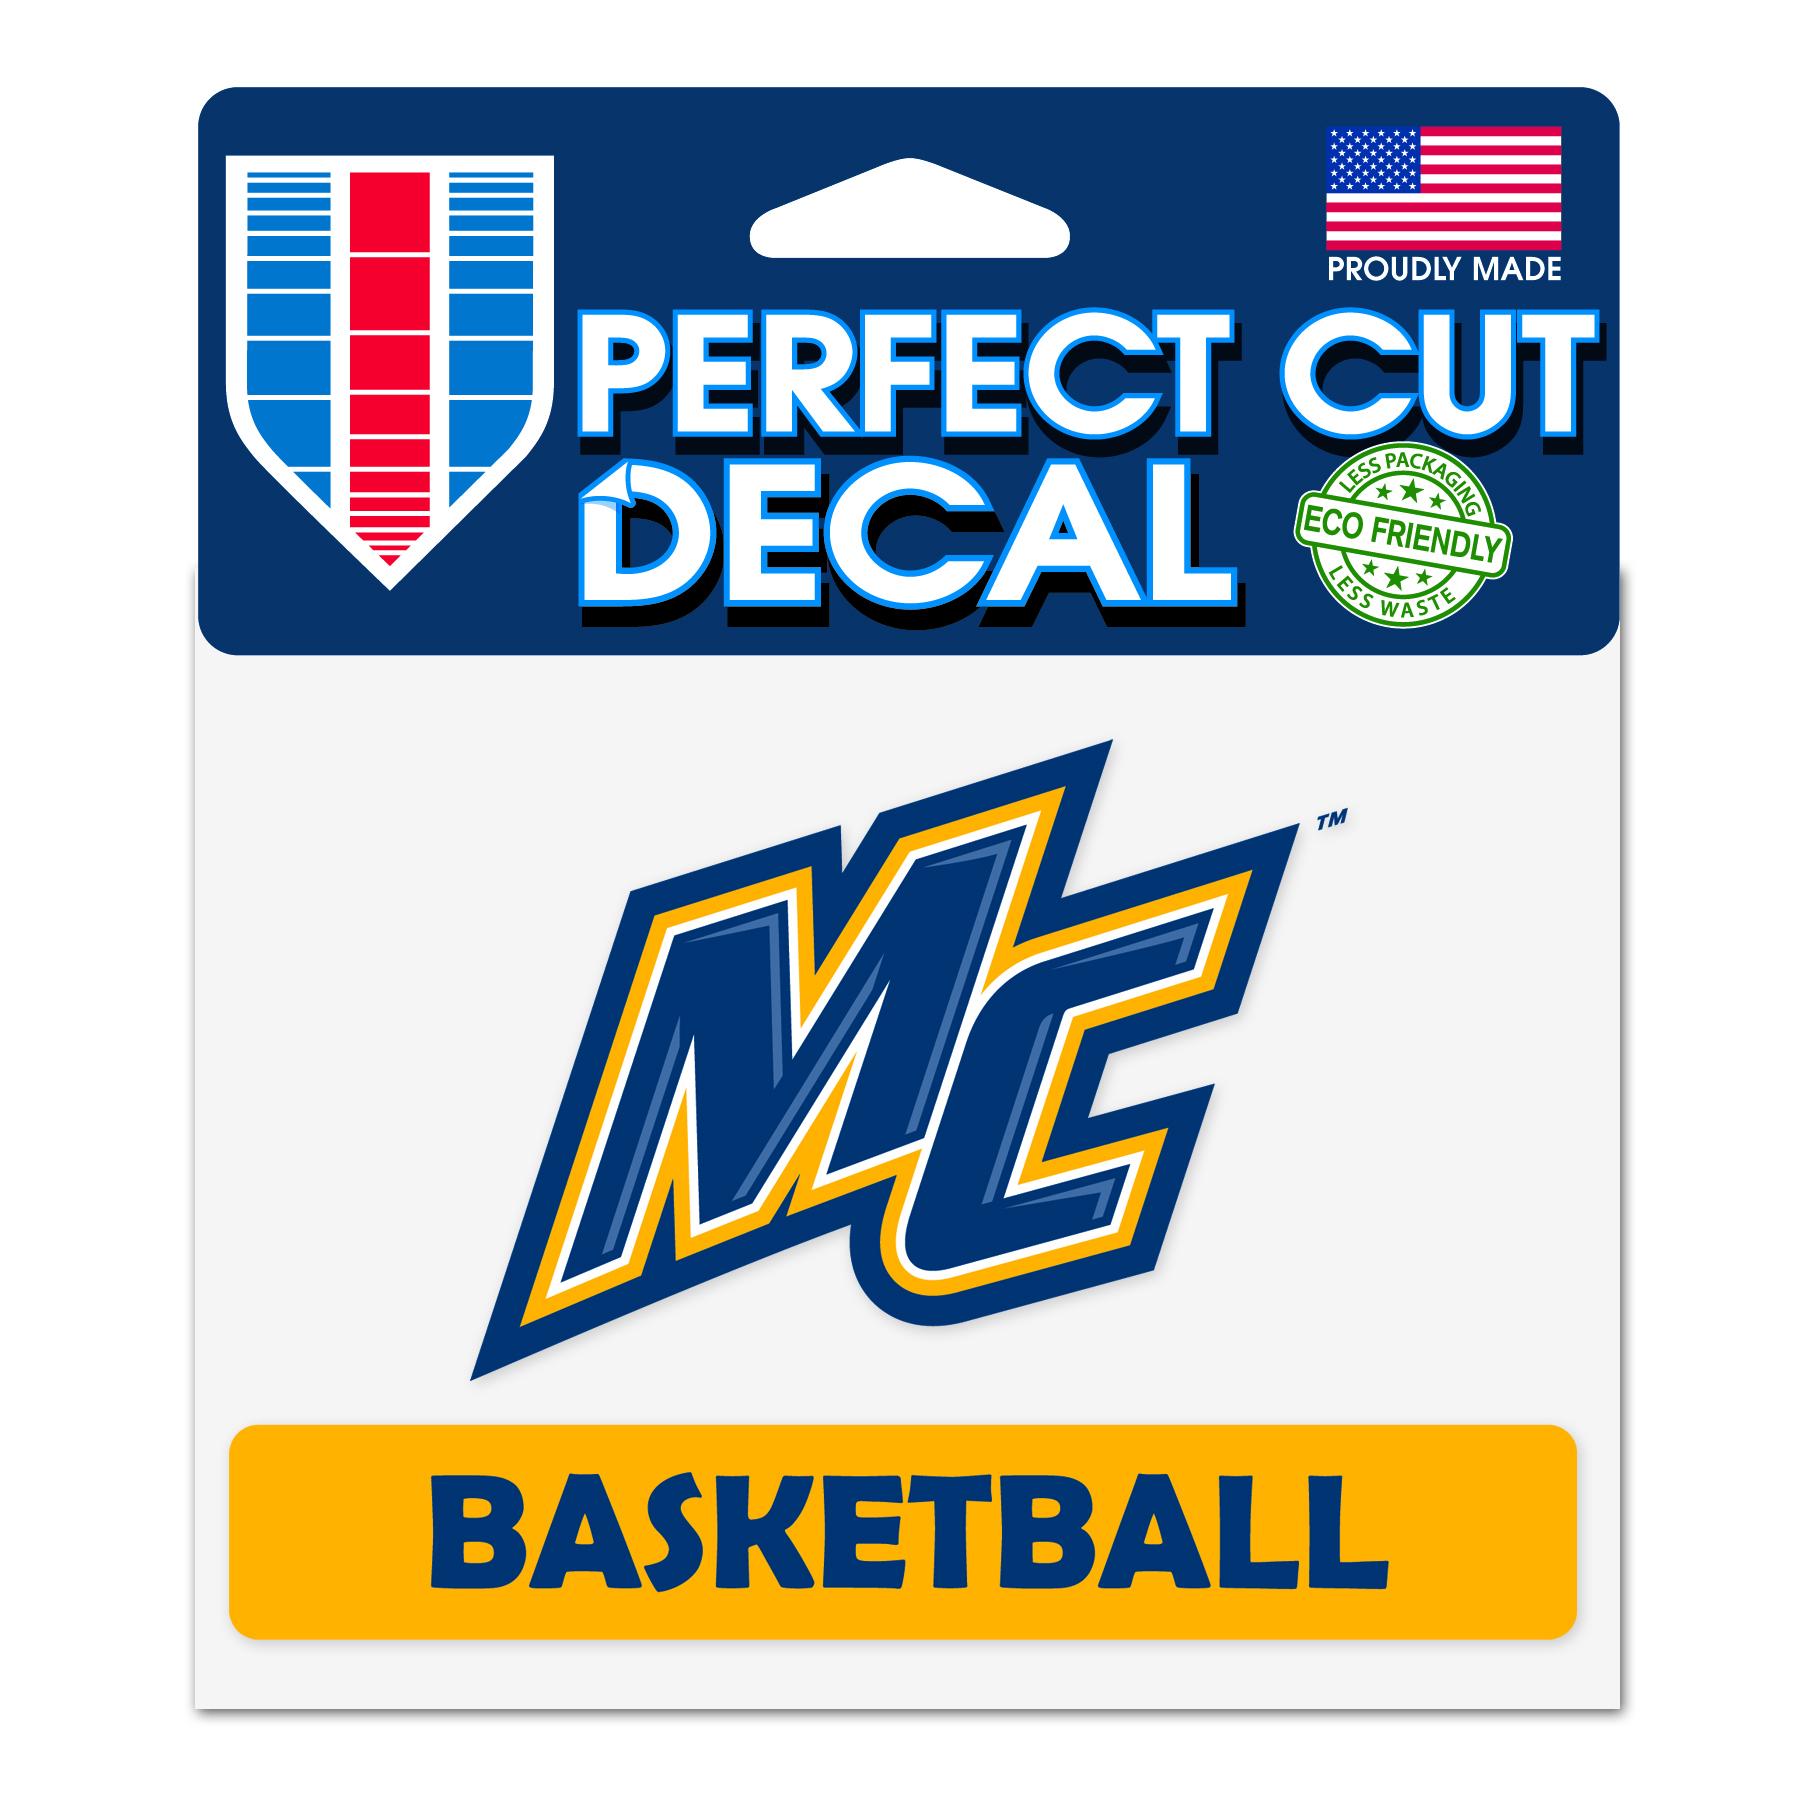 Decal - Basketball